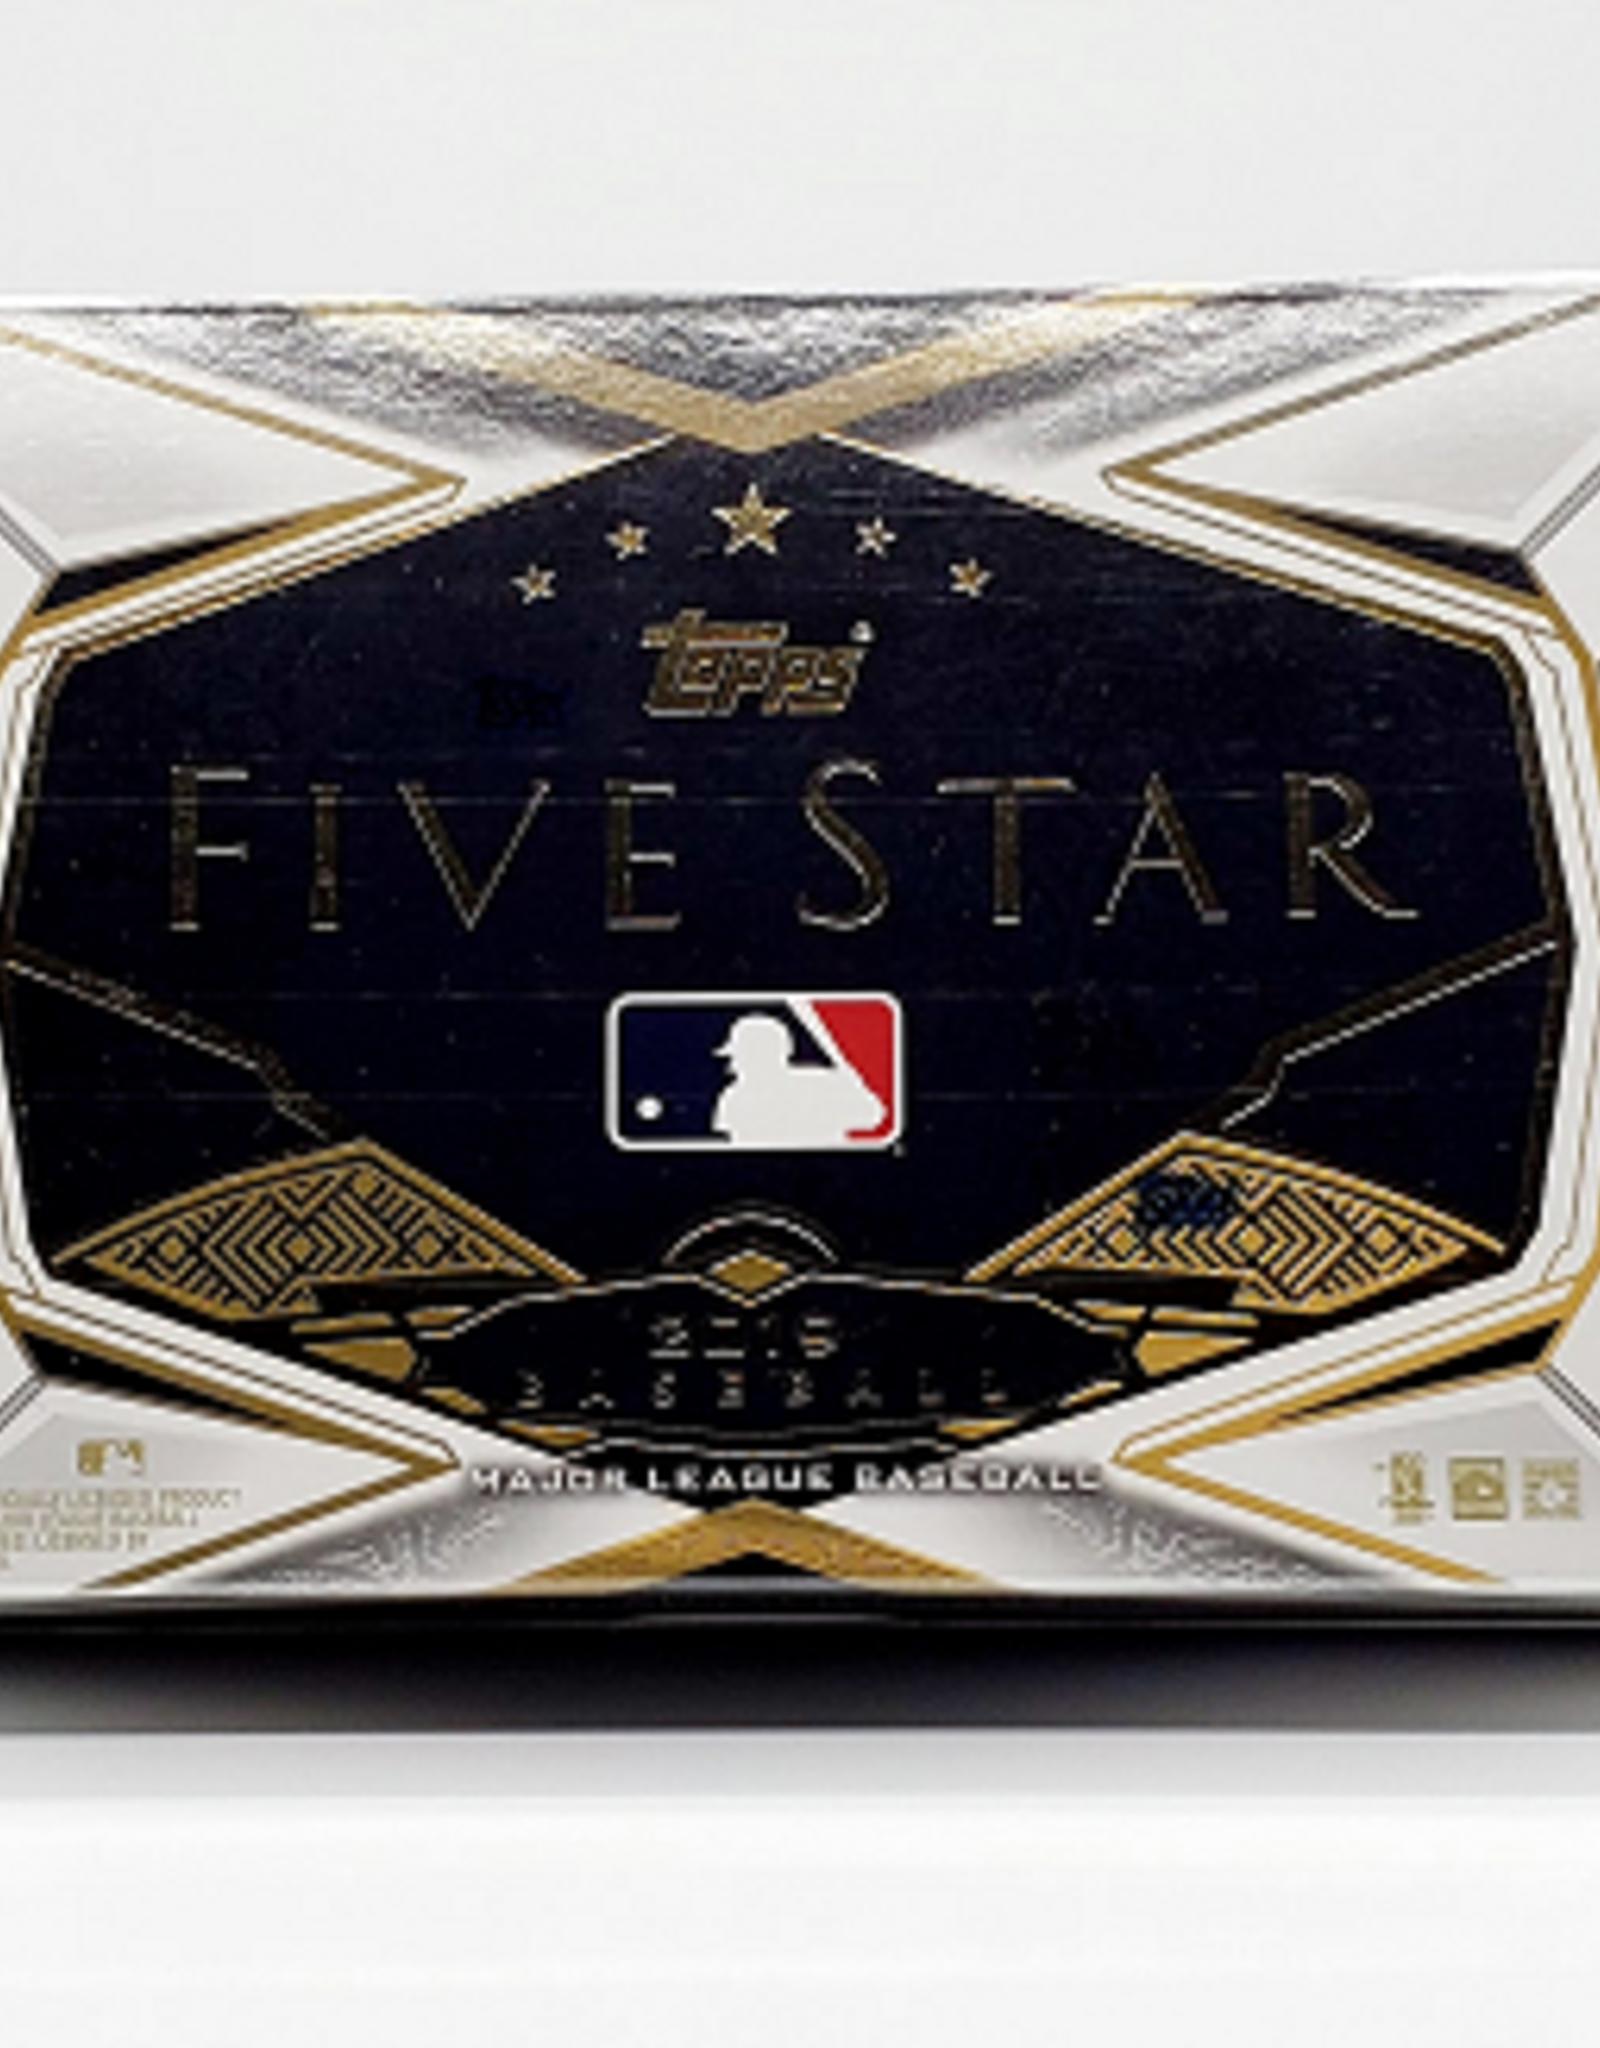 Topps 2019 Topps Five Star Hobby Box